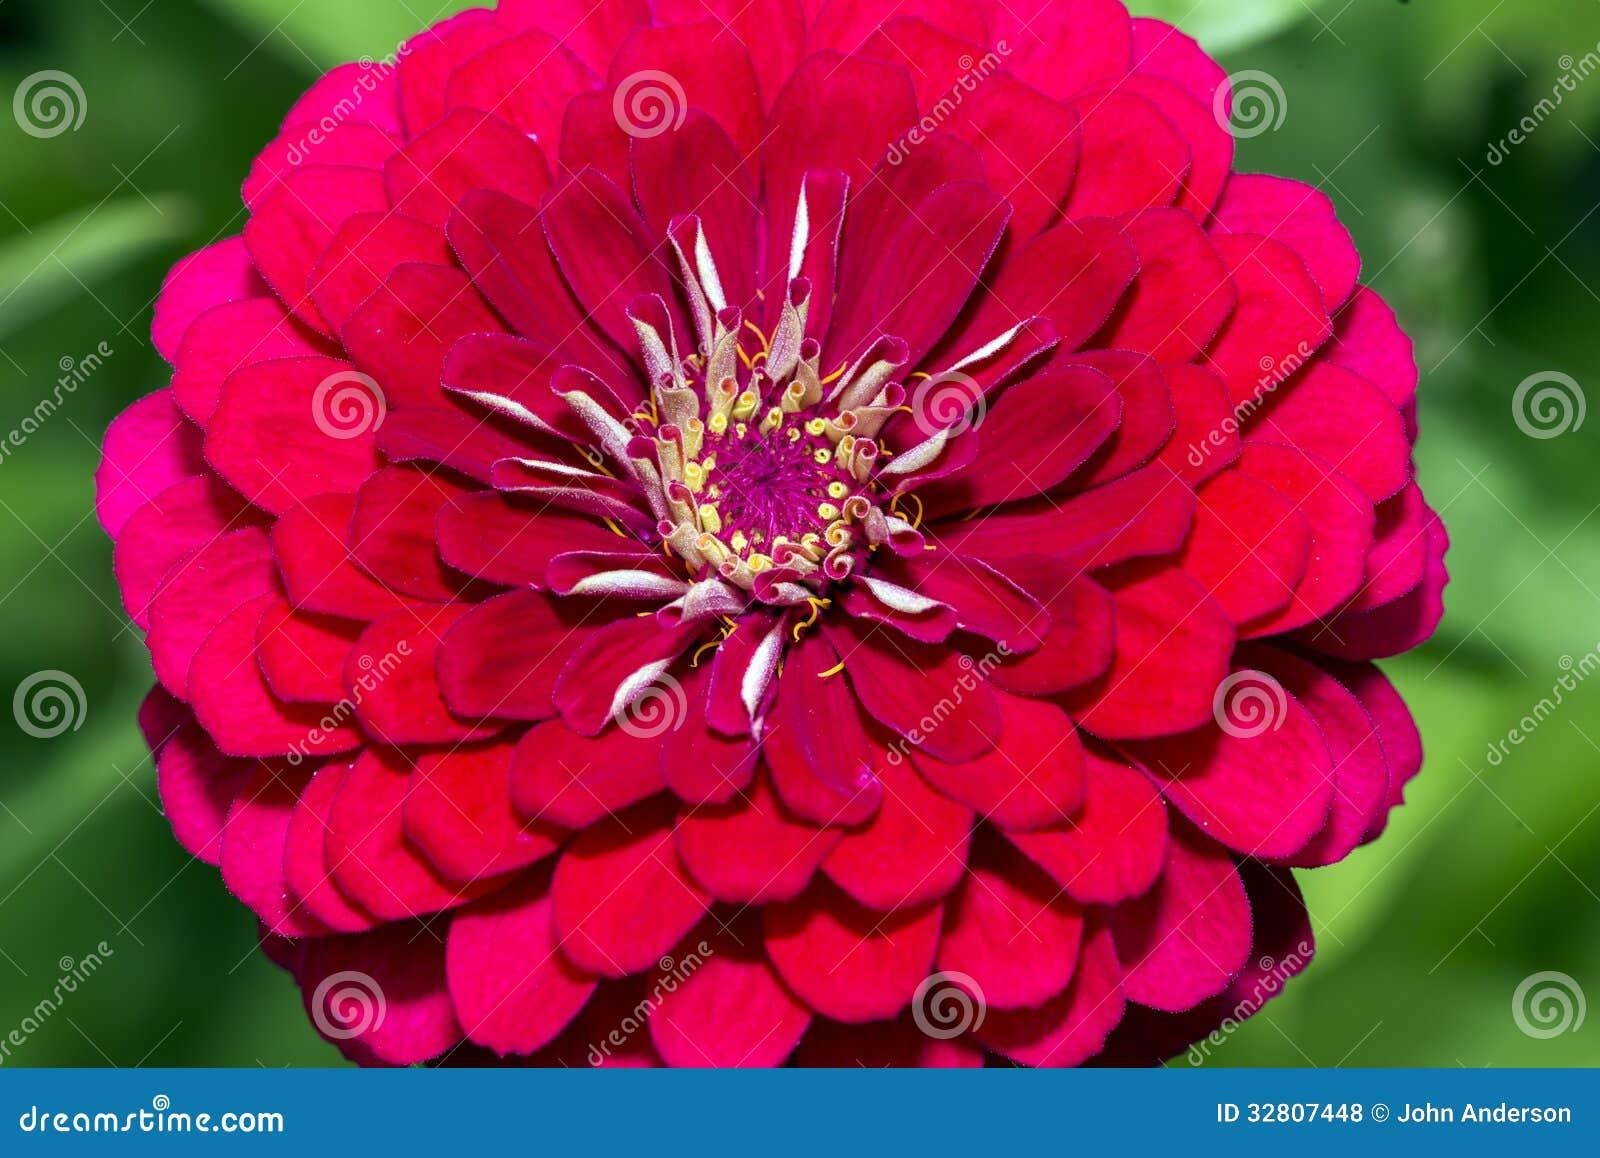 fleur rouge de dahlia en été photos libres de droits - image: 32807448